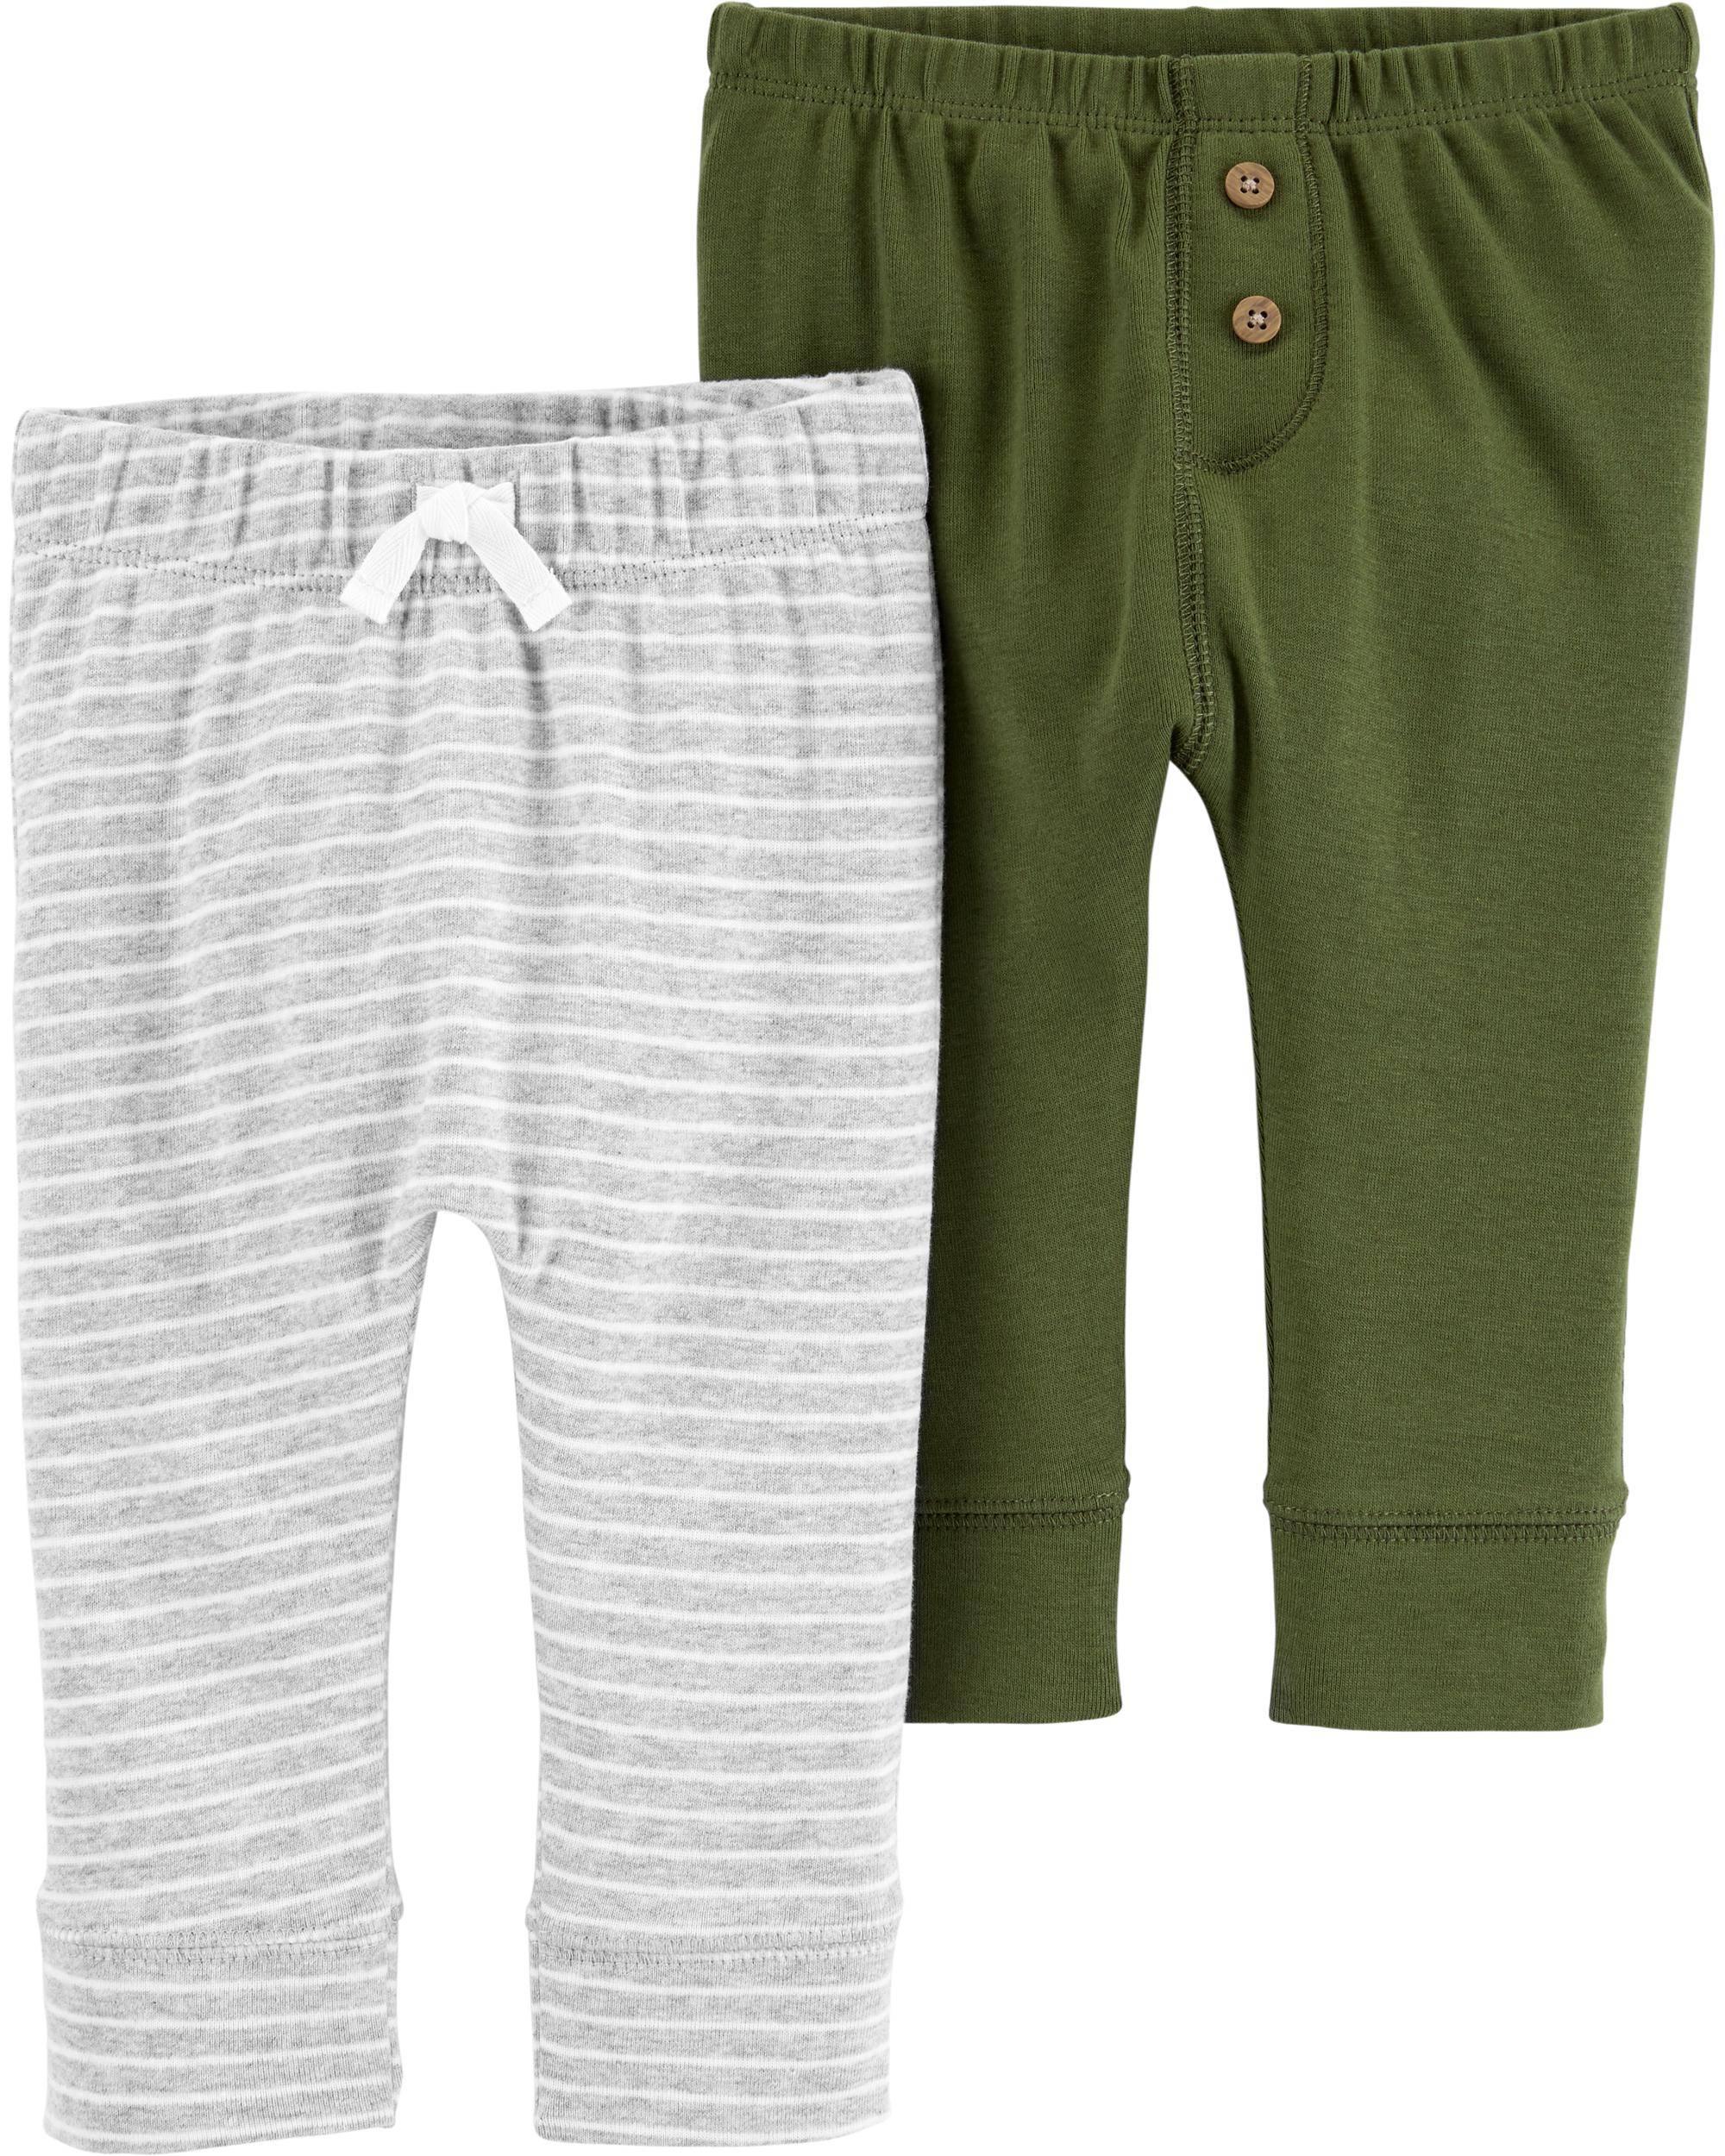 זוג מכנסיים זית מלאנג